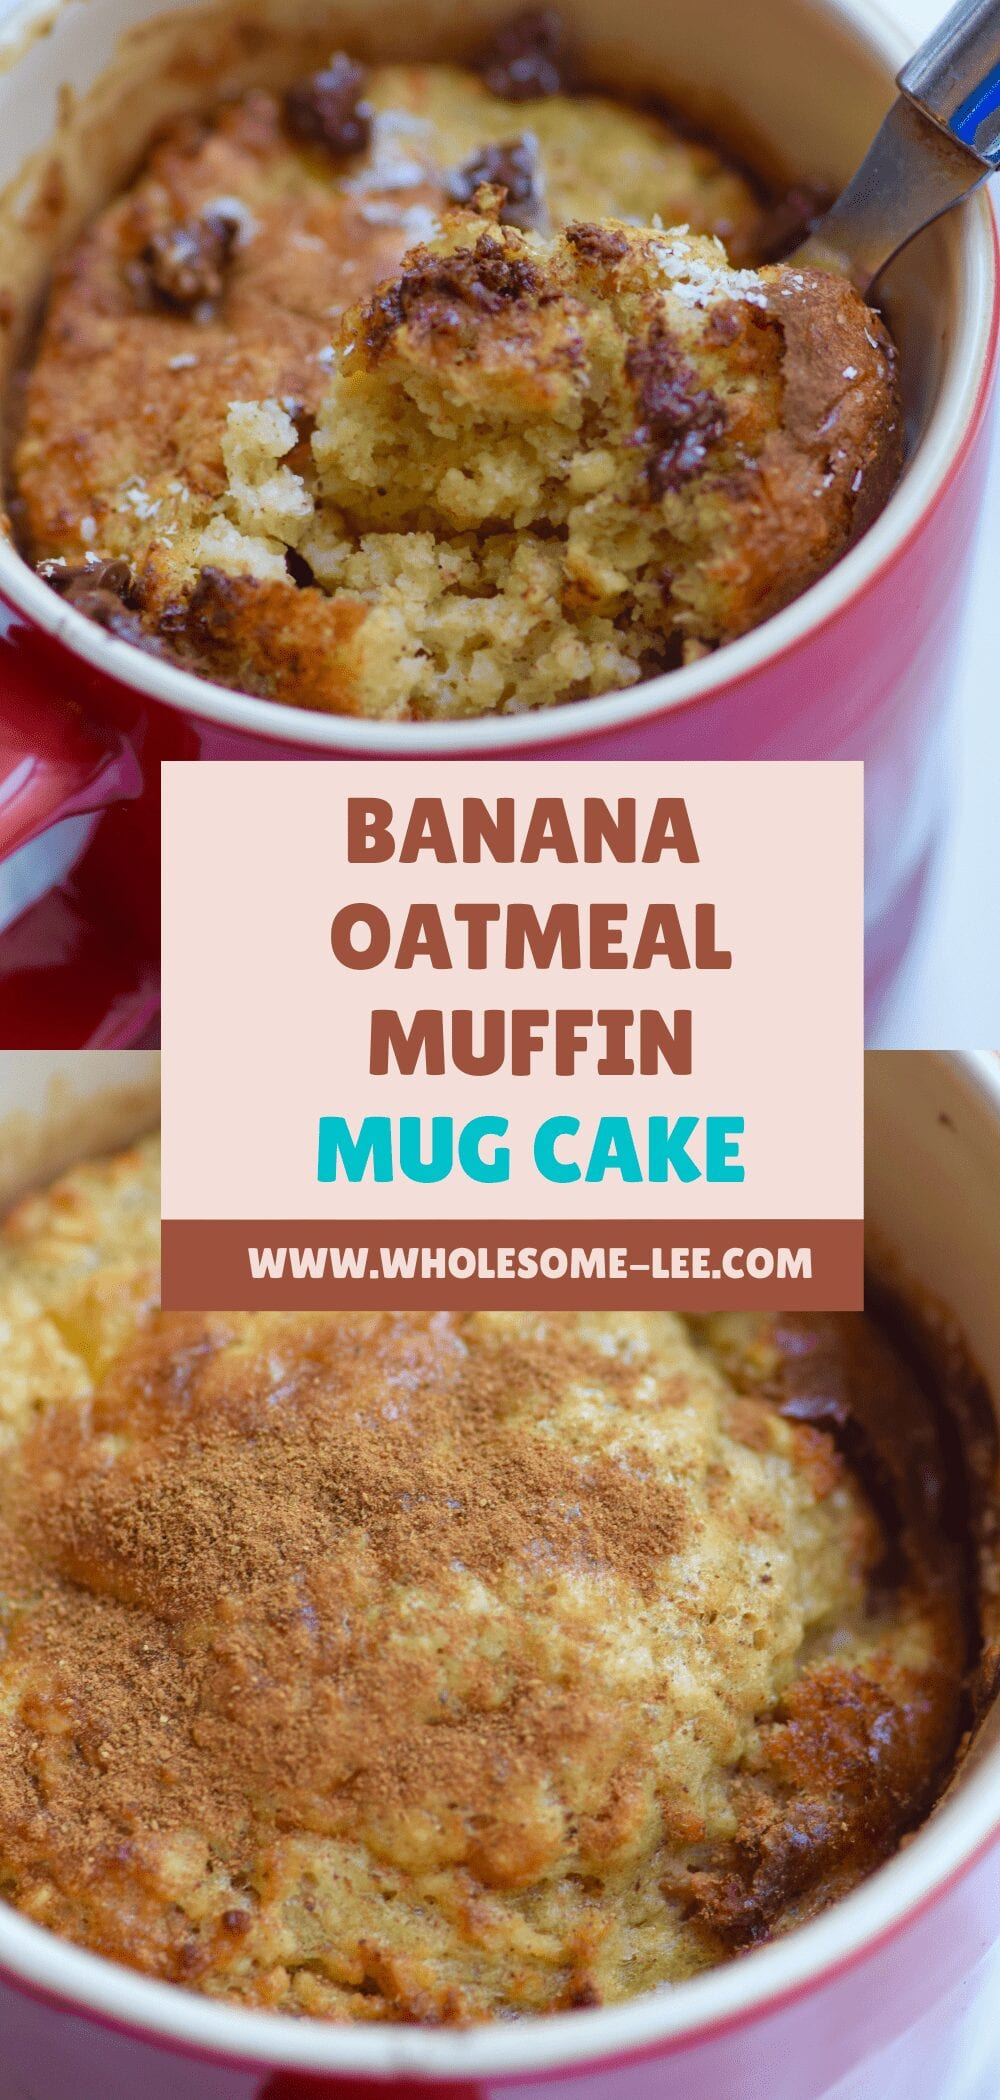 Banana Oatmeal Muffin Mug Cake